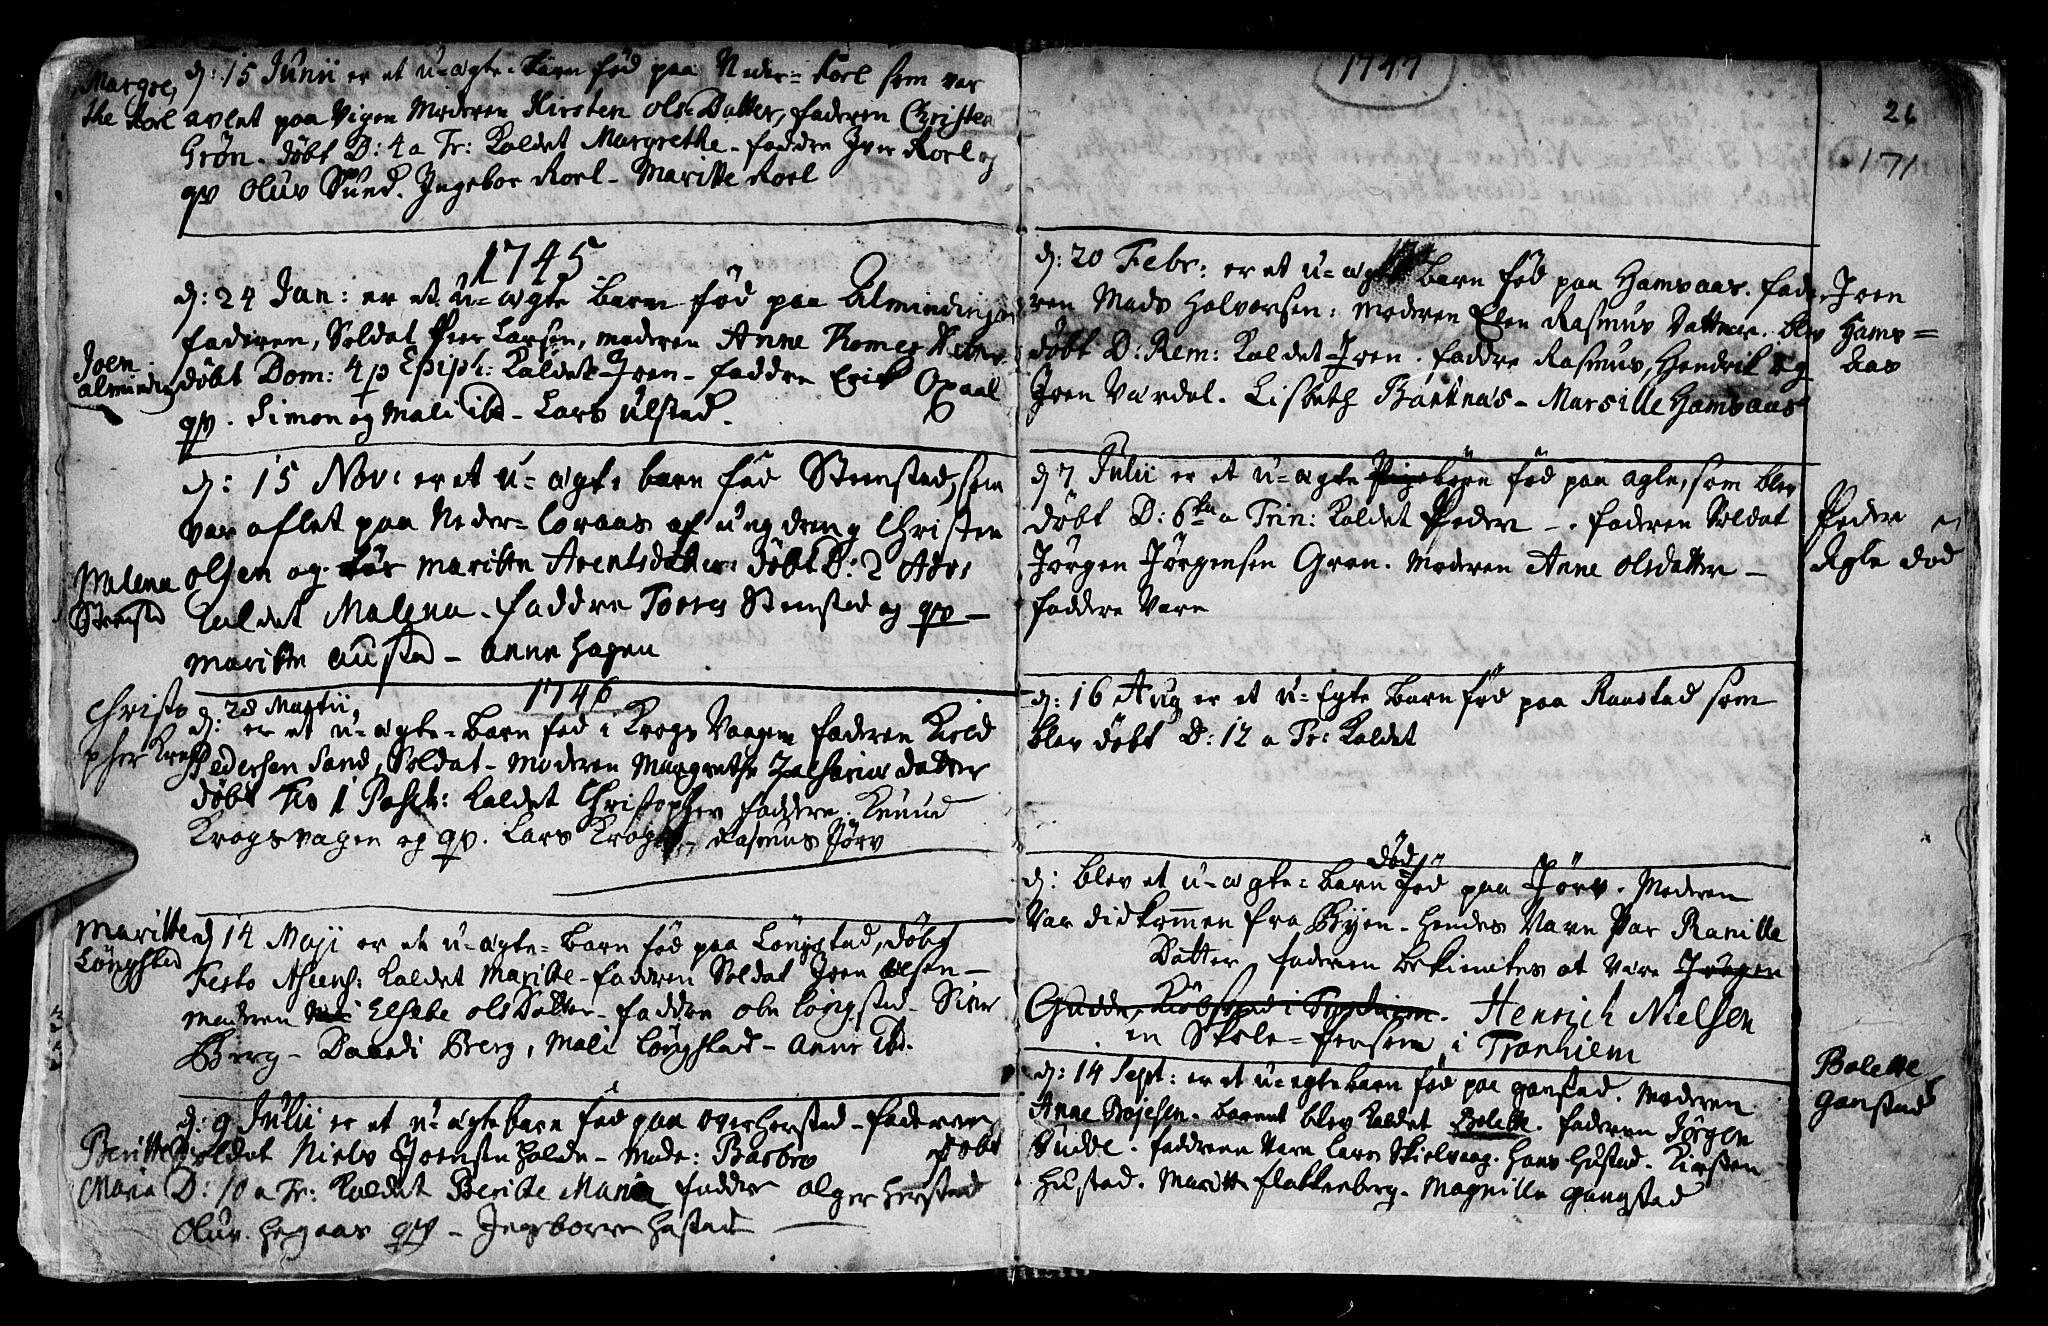 SAT, Ministerialprotokoller, klokkerbøker og fødselsregistre - Nord-Trøndelag, 730/L0272: Ministerialbok nr. 730A01, 1733-1764, s. 171